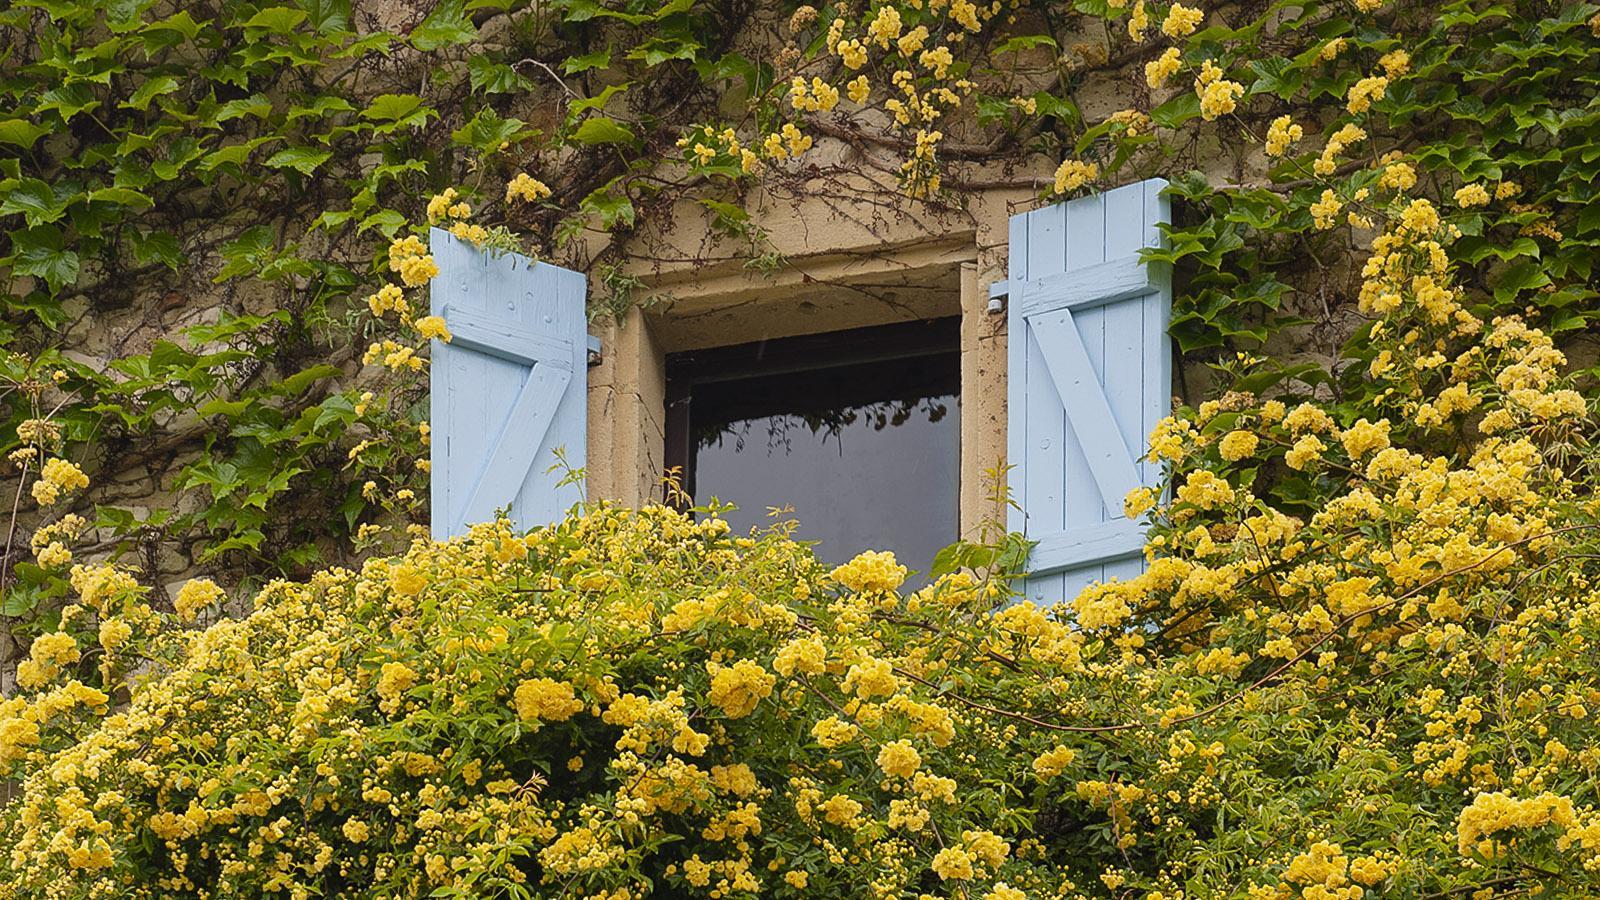 Üppig umranken Rosen dieses Fenster in Grignan. Foto: Hilke Maunder